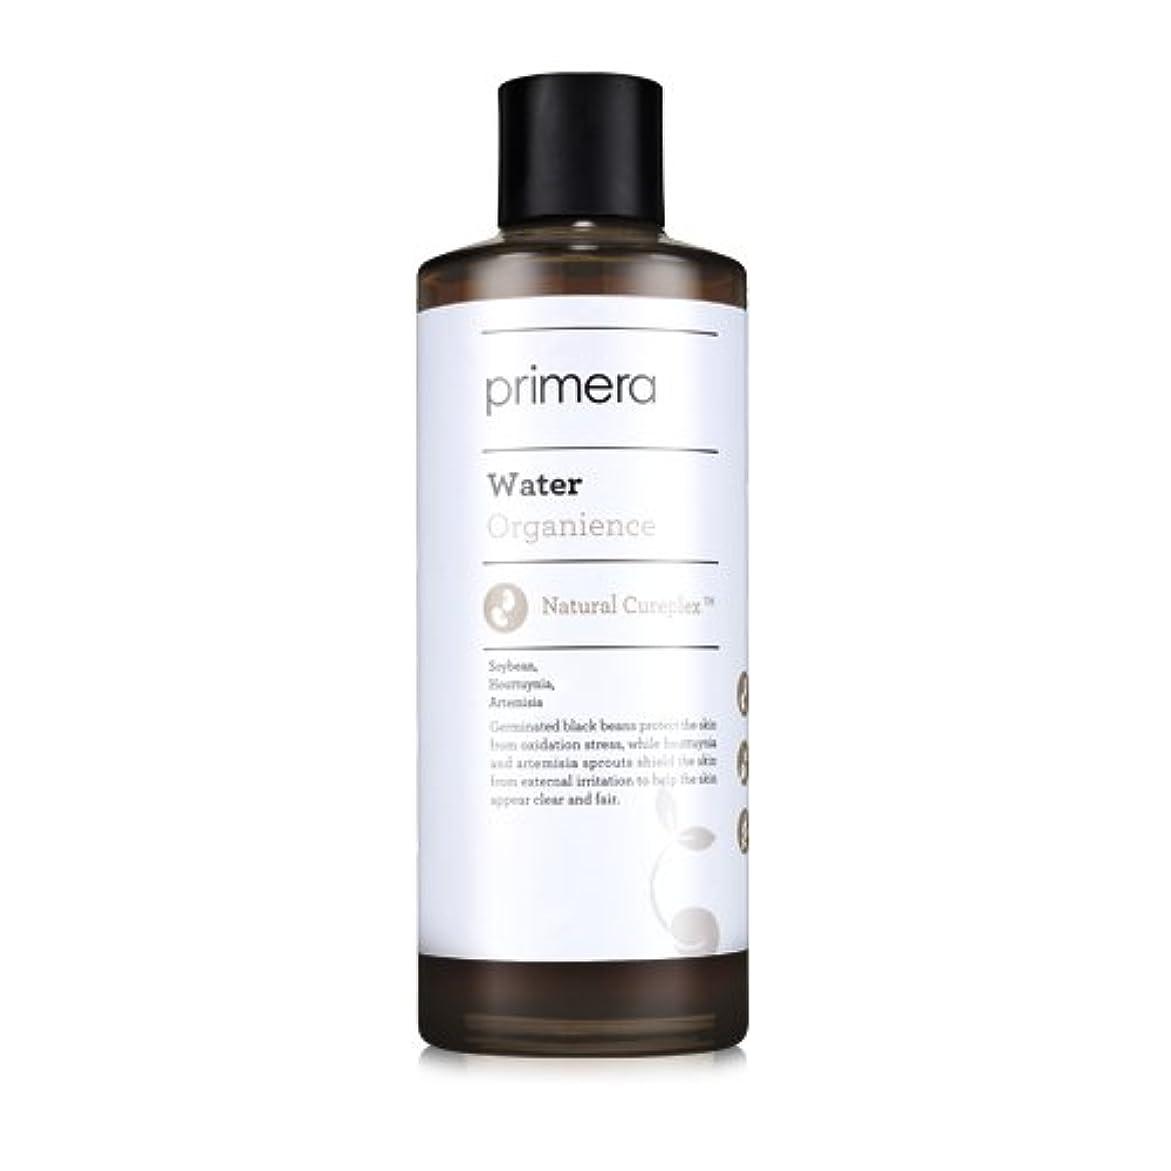 略奪レッスン満足させるPRIMERA プリメラ オーガニエンス エマルジョン(Organience Emulsion)乳液 150ml